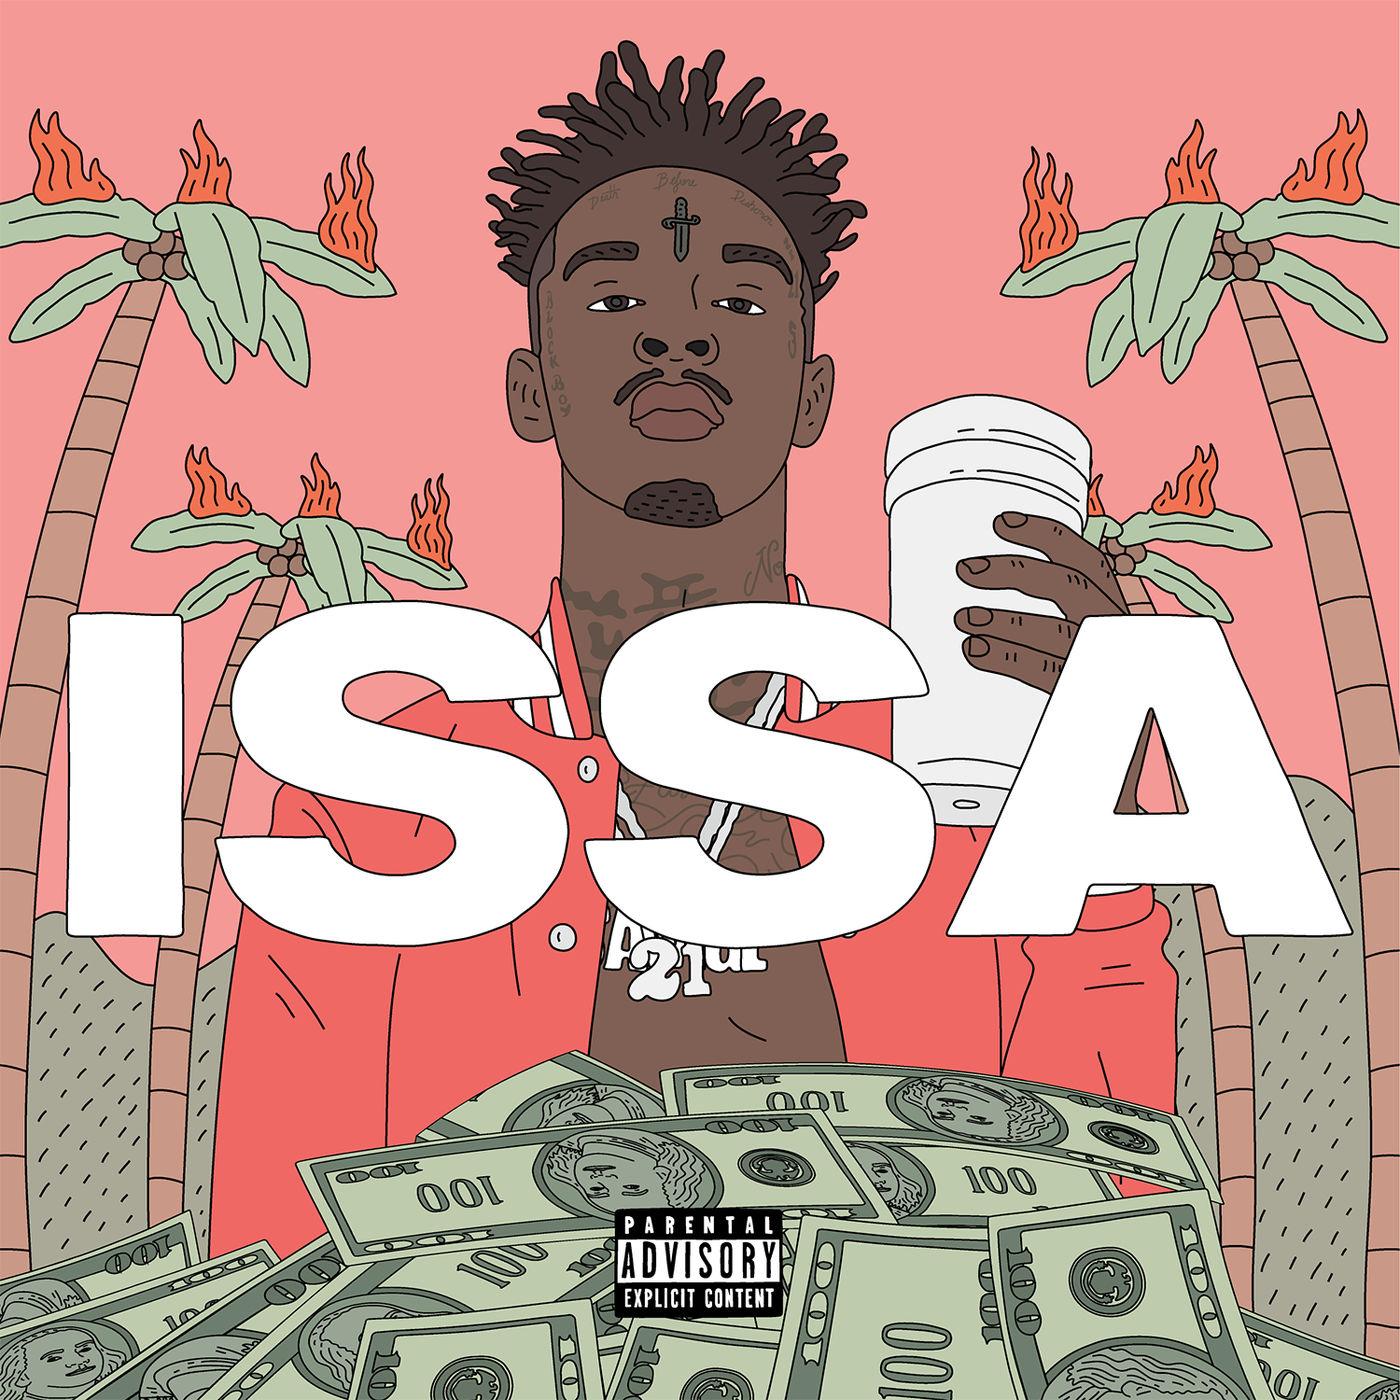 21 Savage - Issa Album Cover